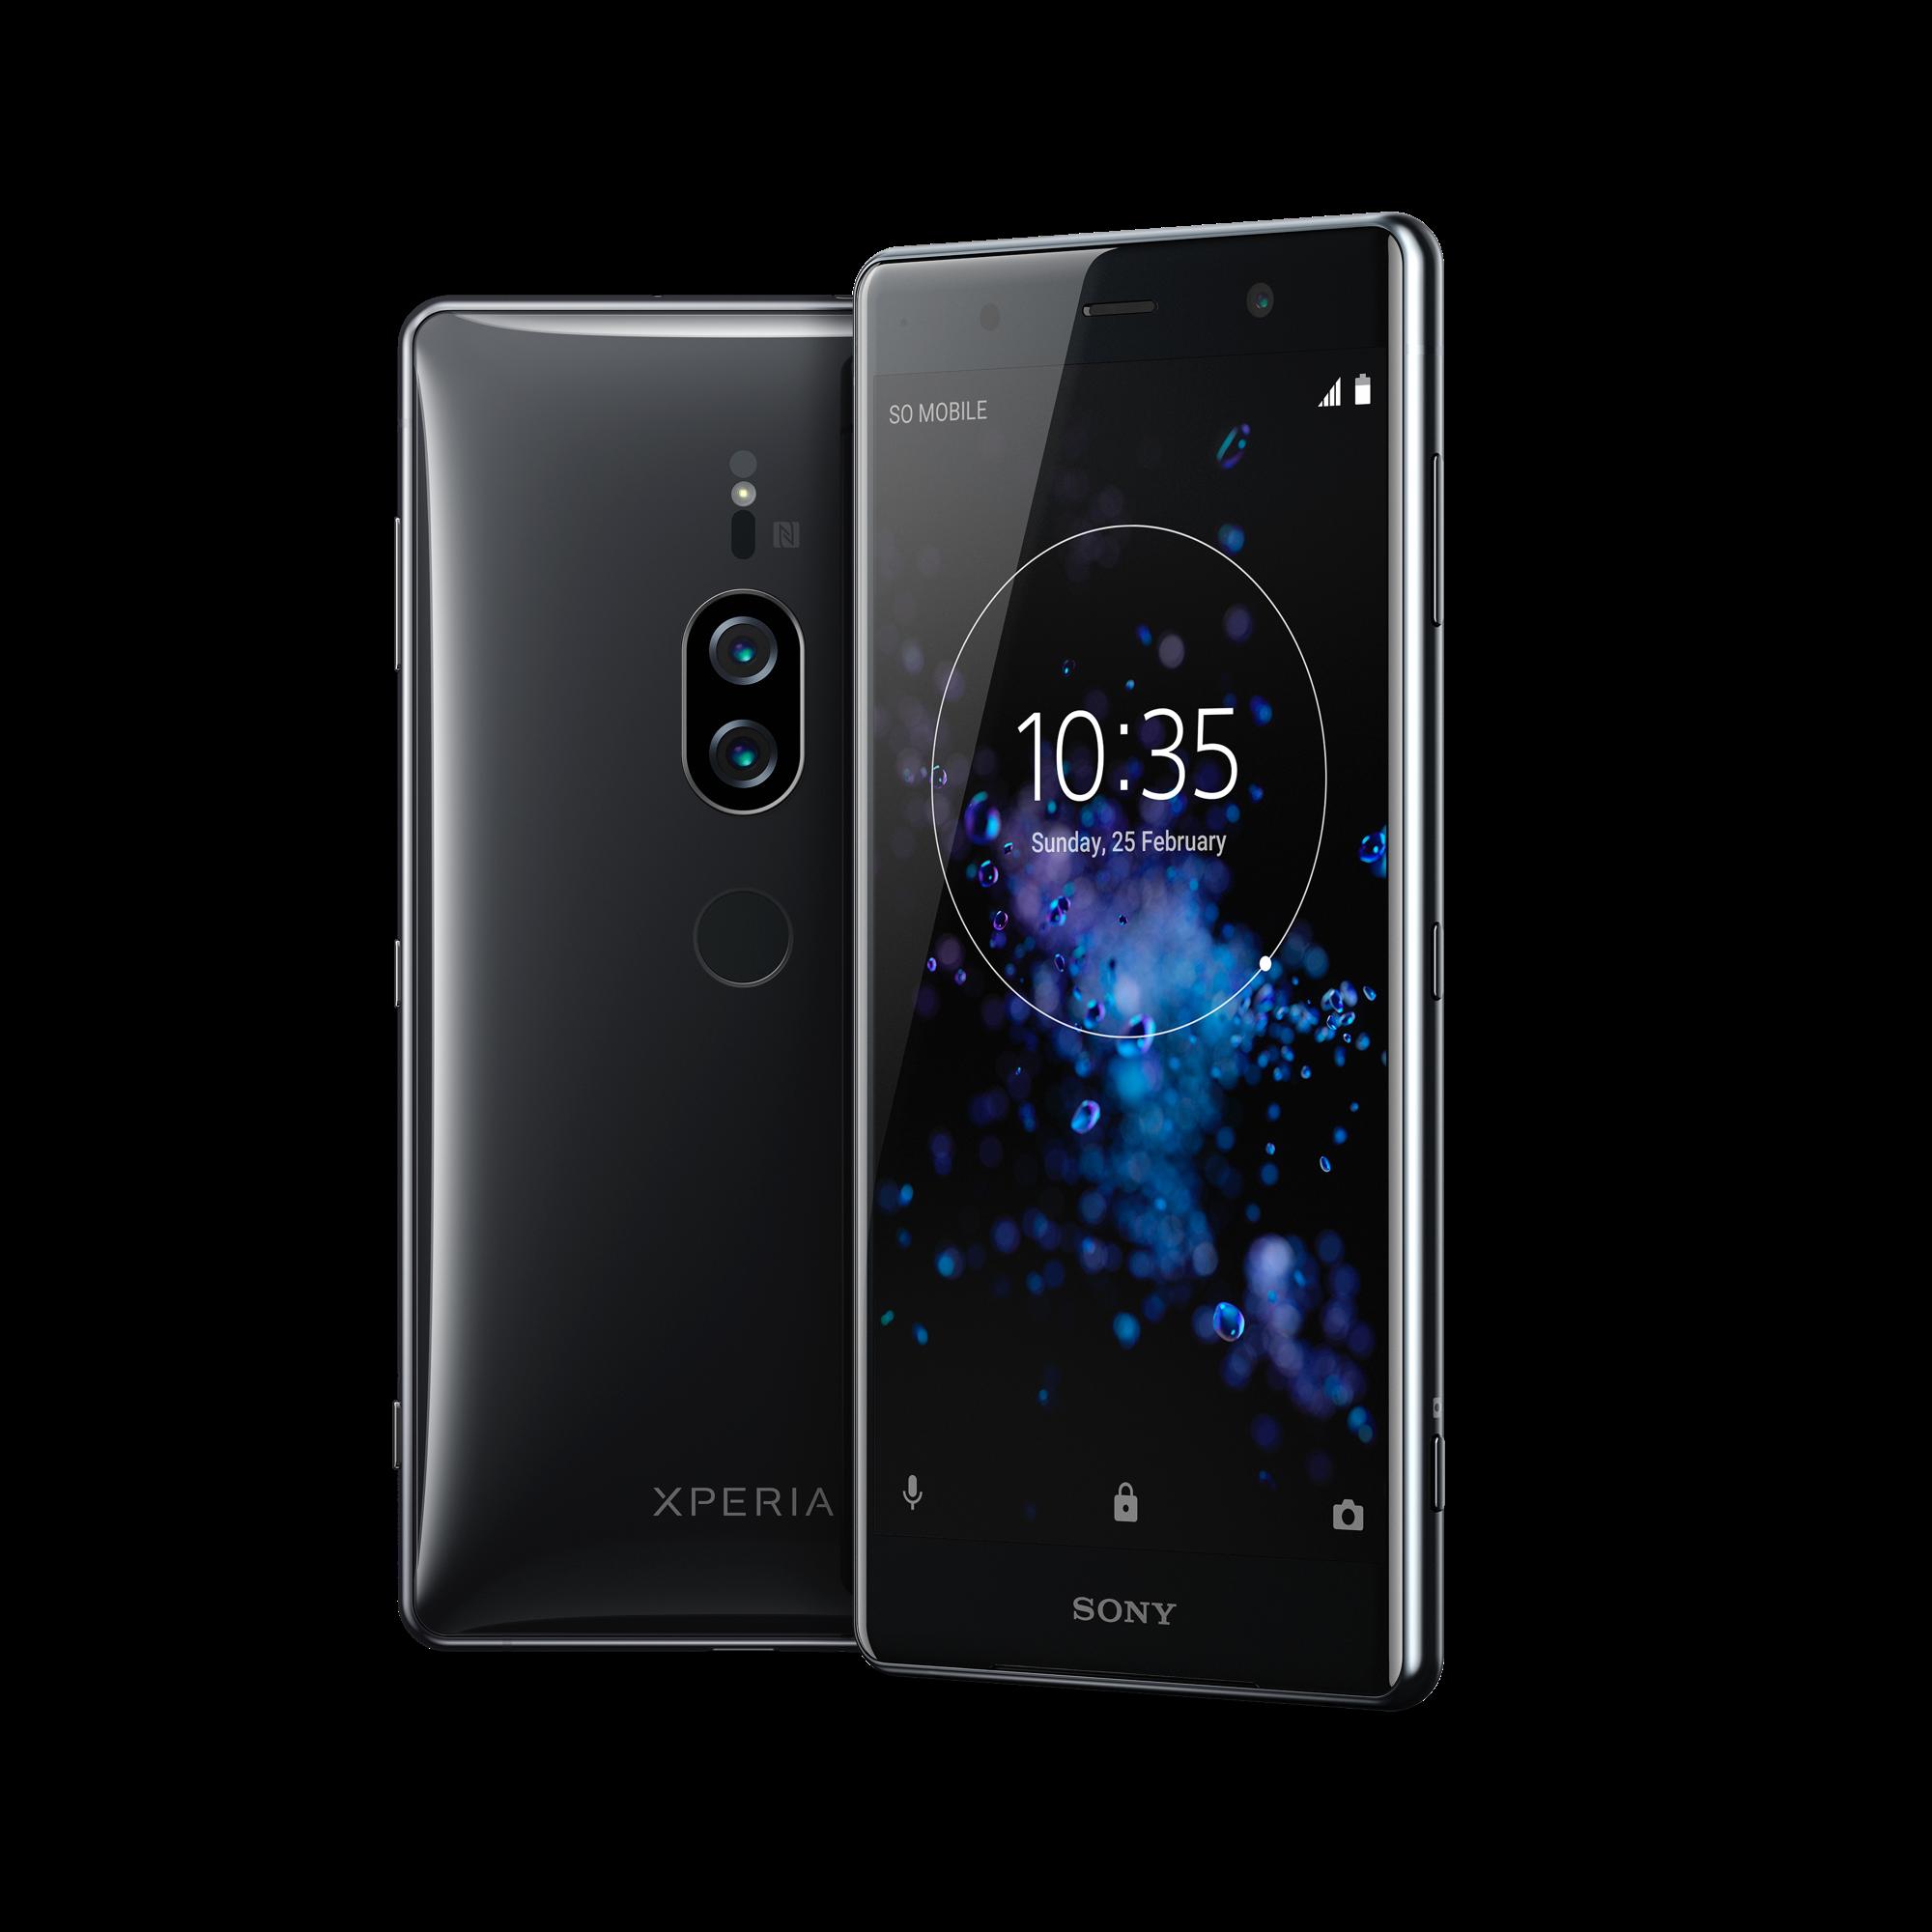 Sony Mobile、Xperia XZ2 Premiumを発表。デュアルカメラ搭載